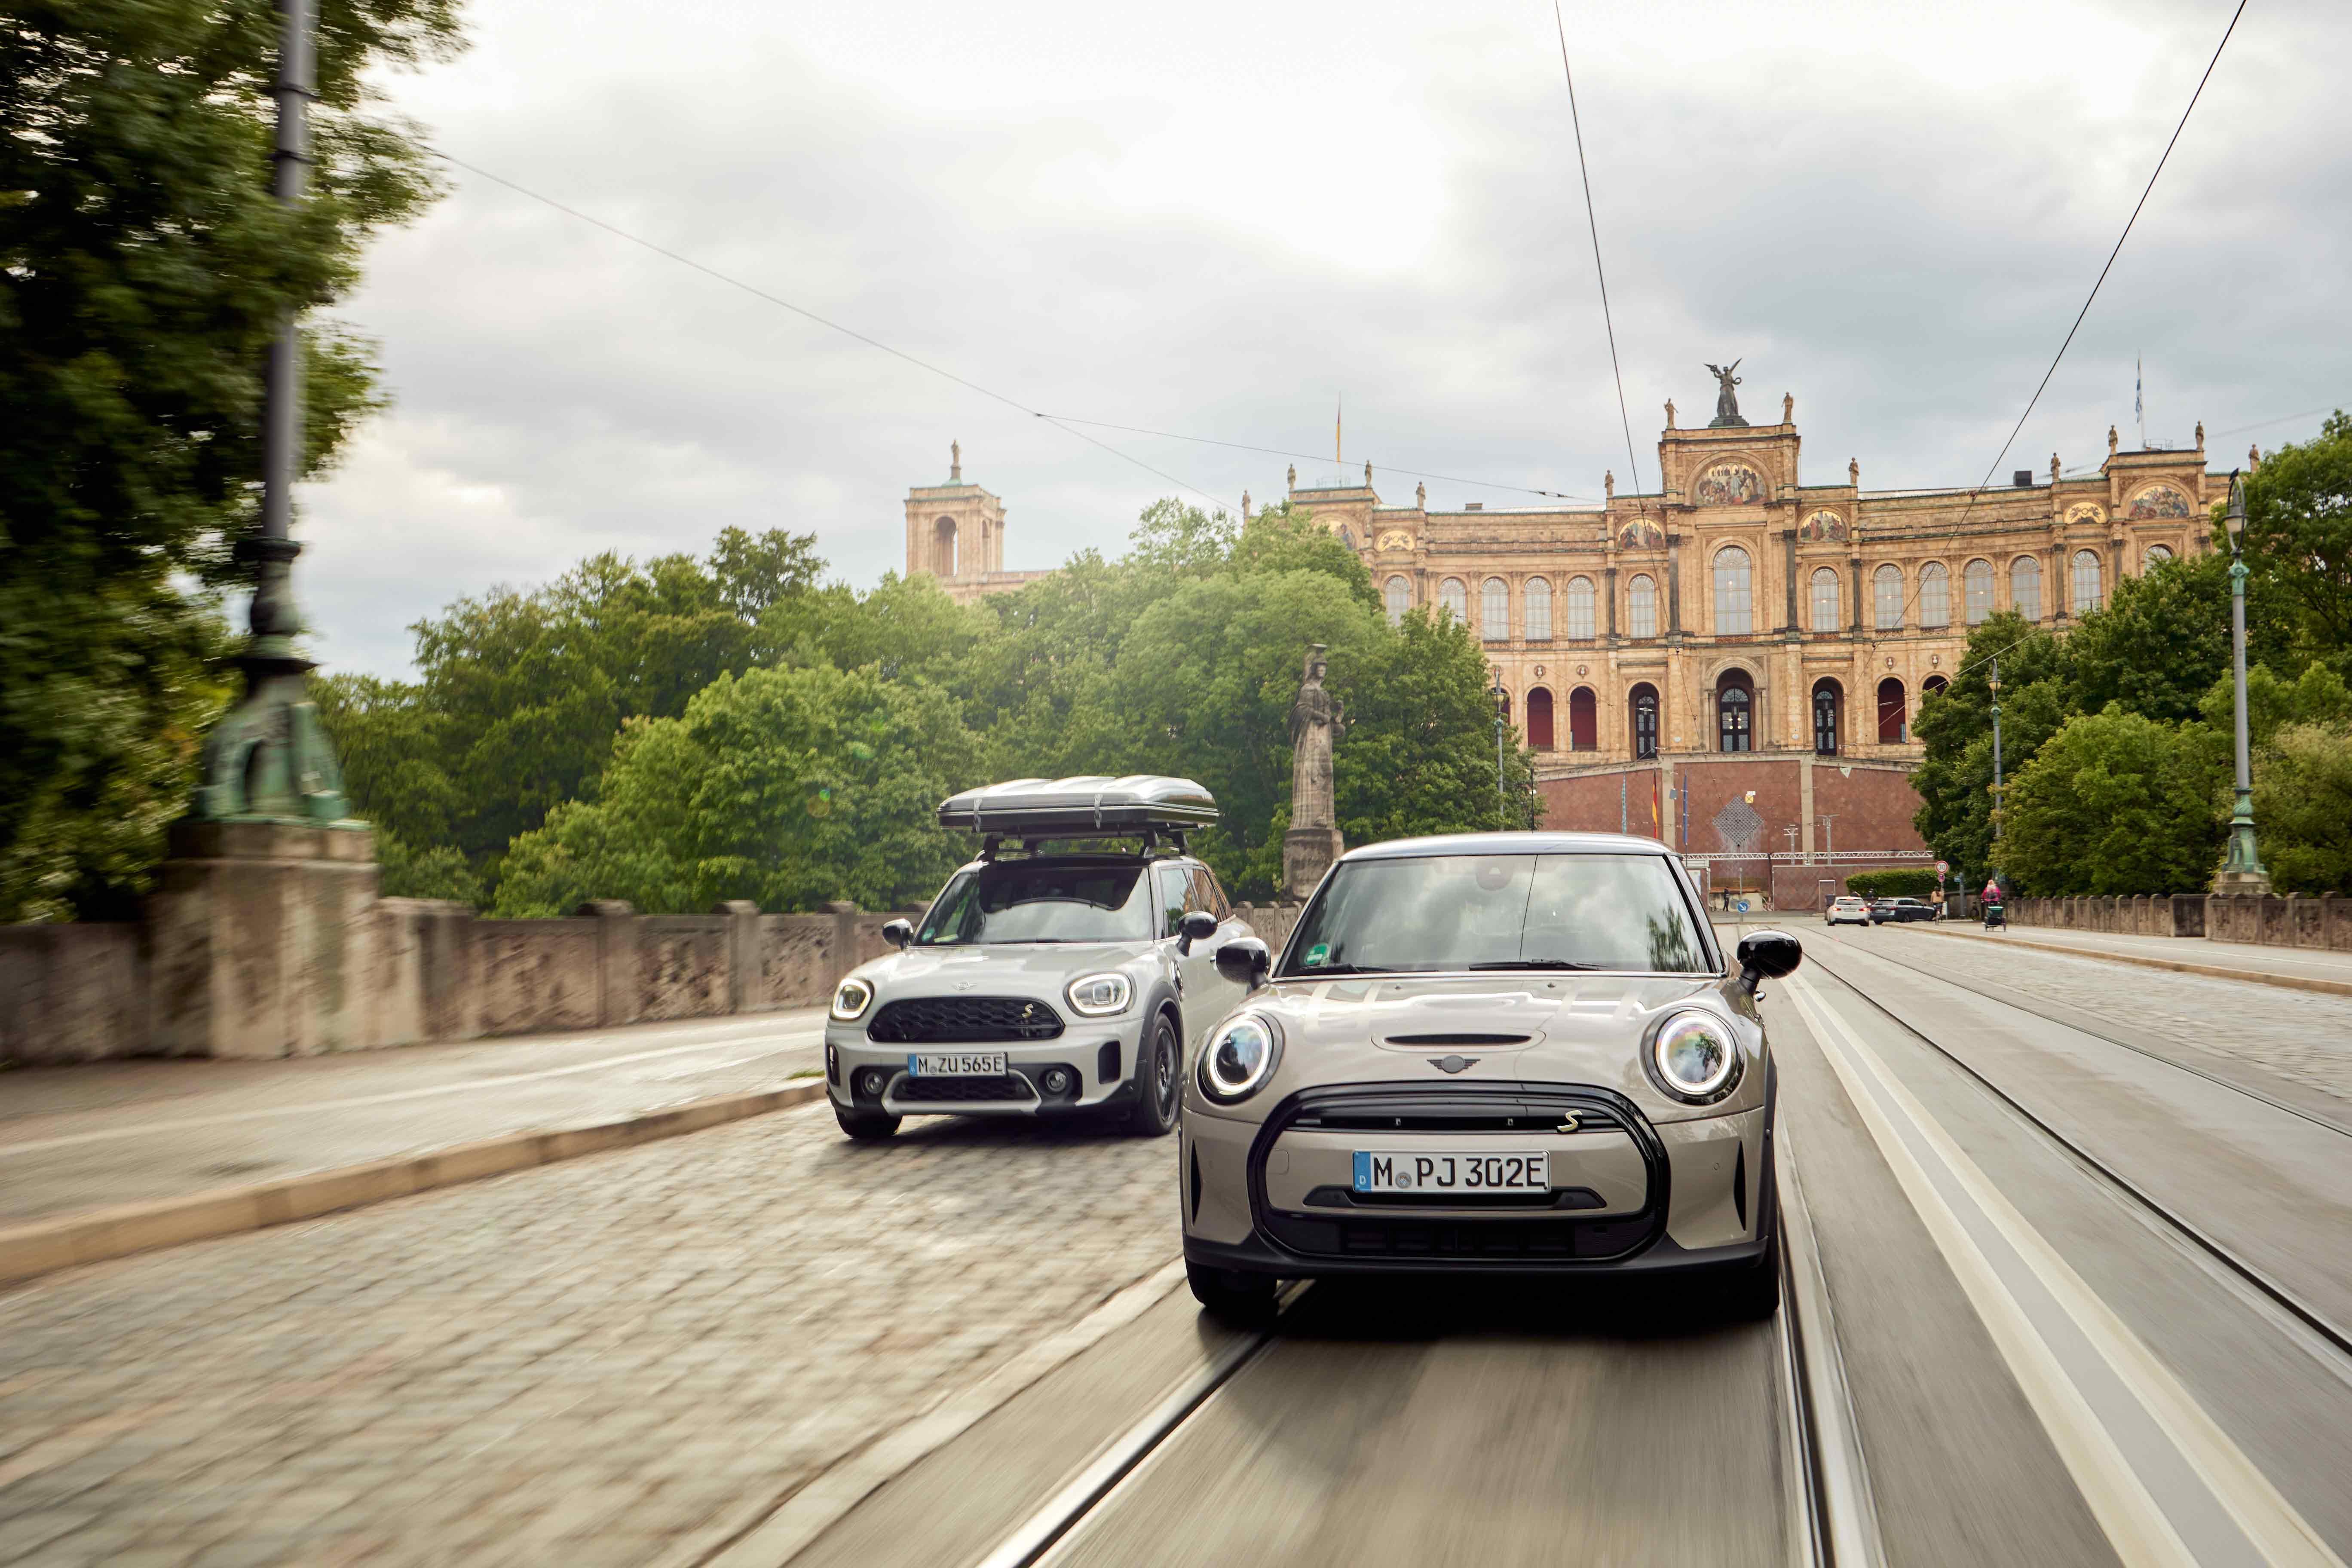 Mini At IAA Mobility 2021 In Munich